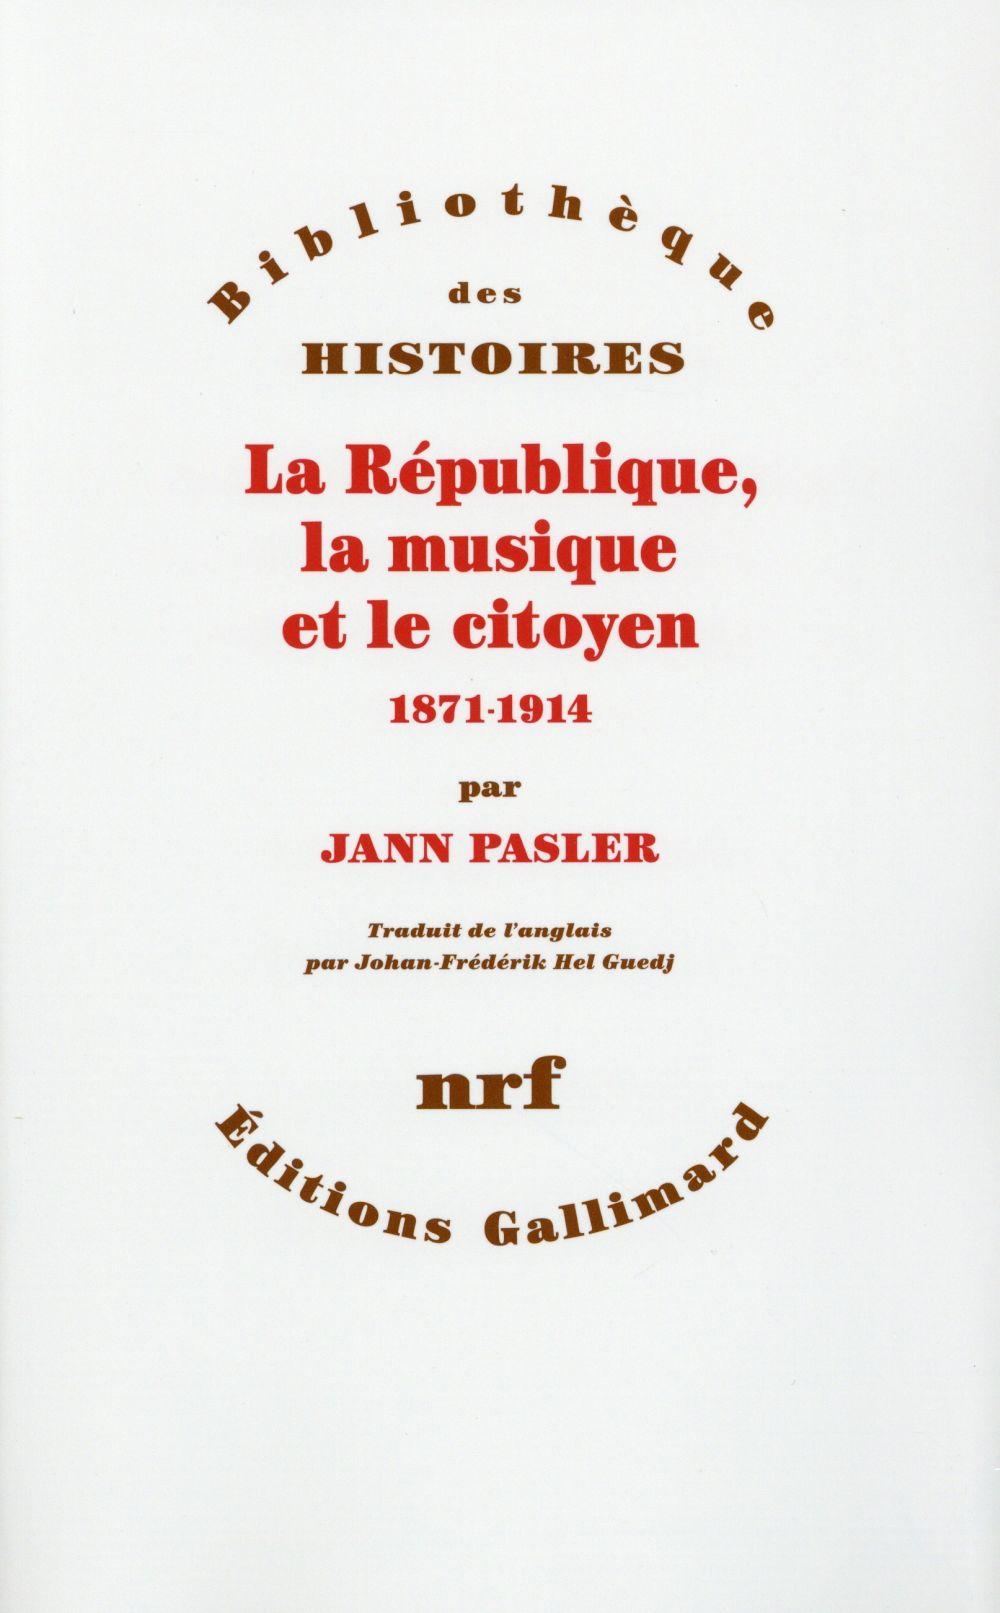 La République, la musique et le citoyen, 1871-1914